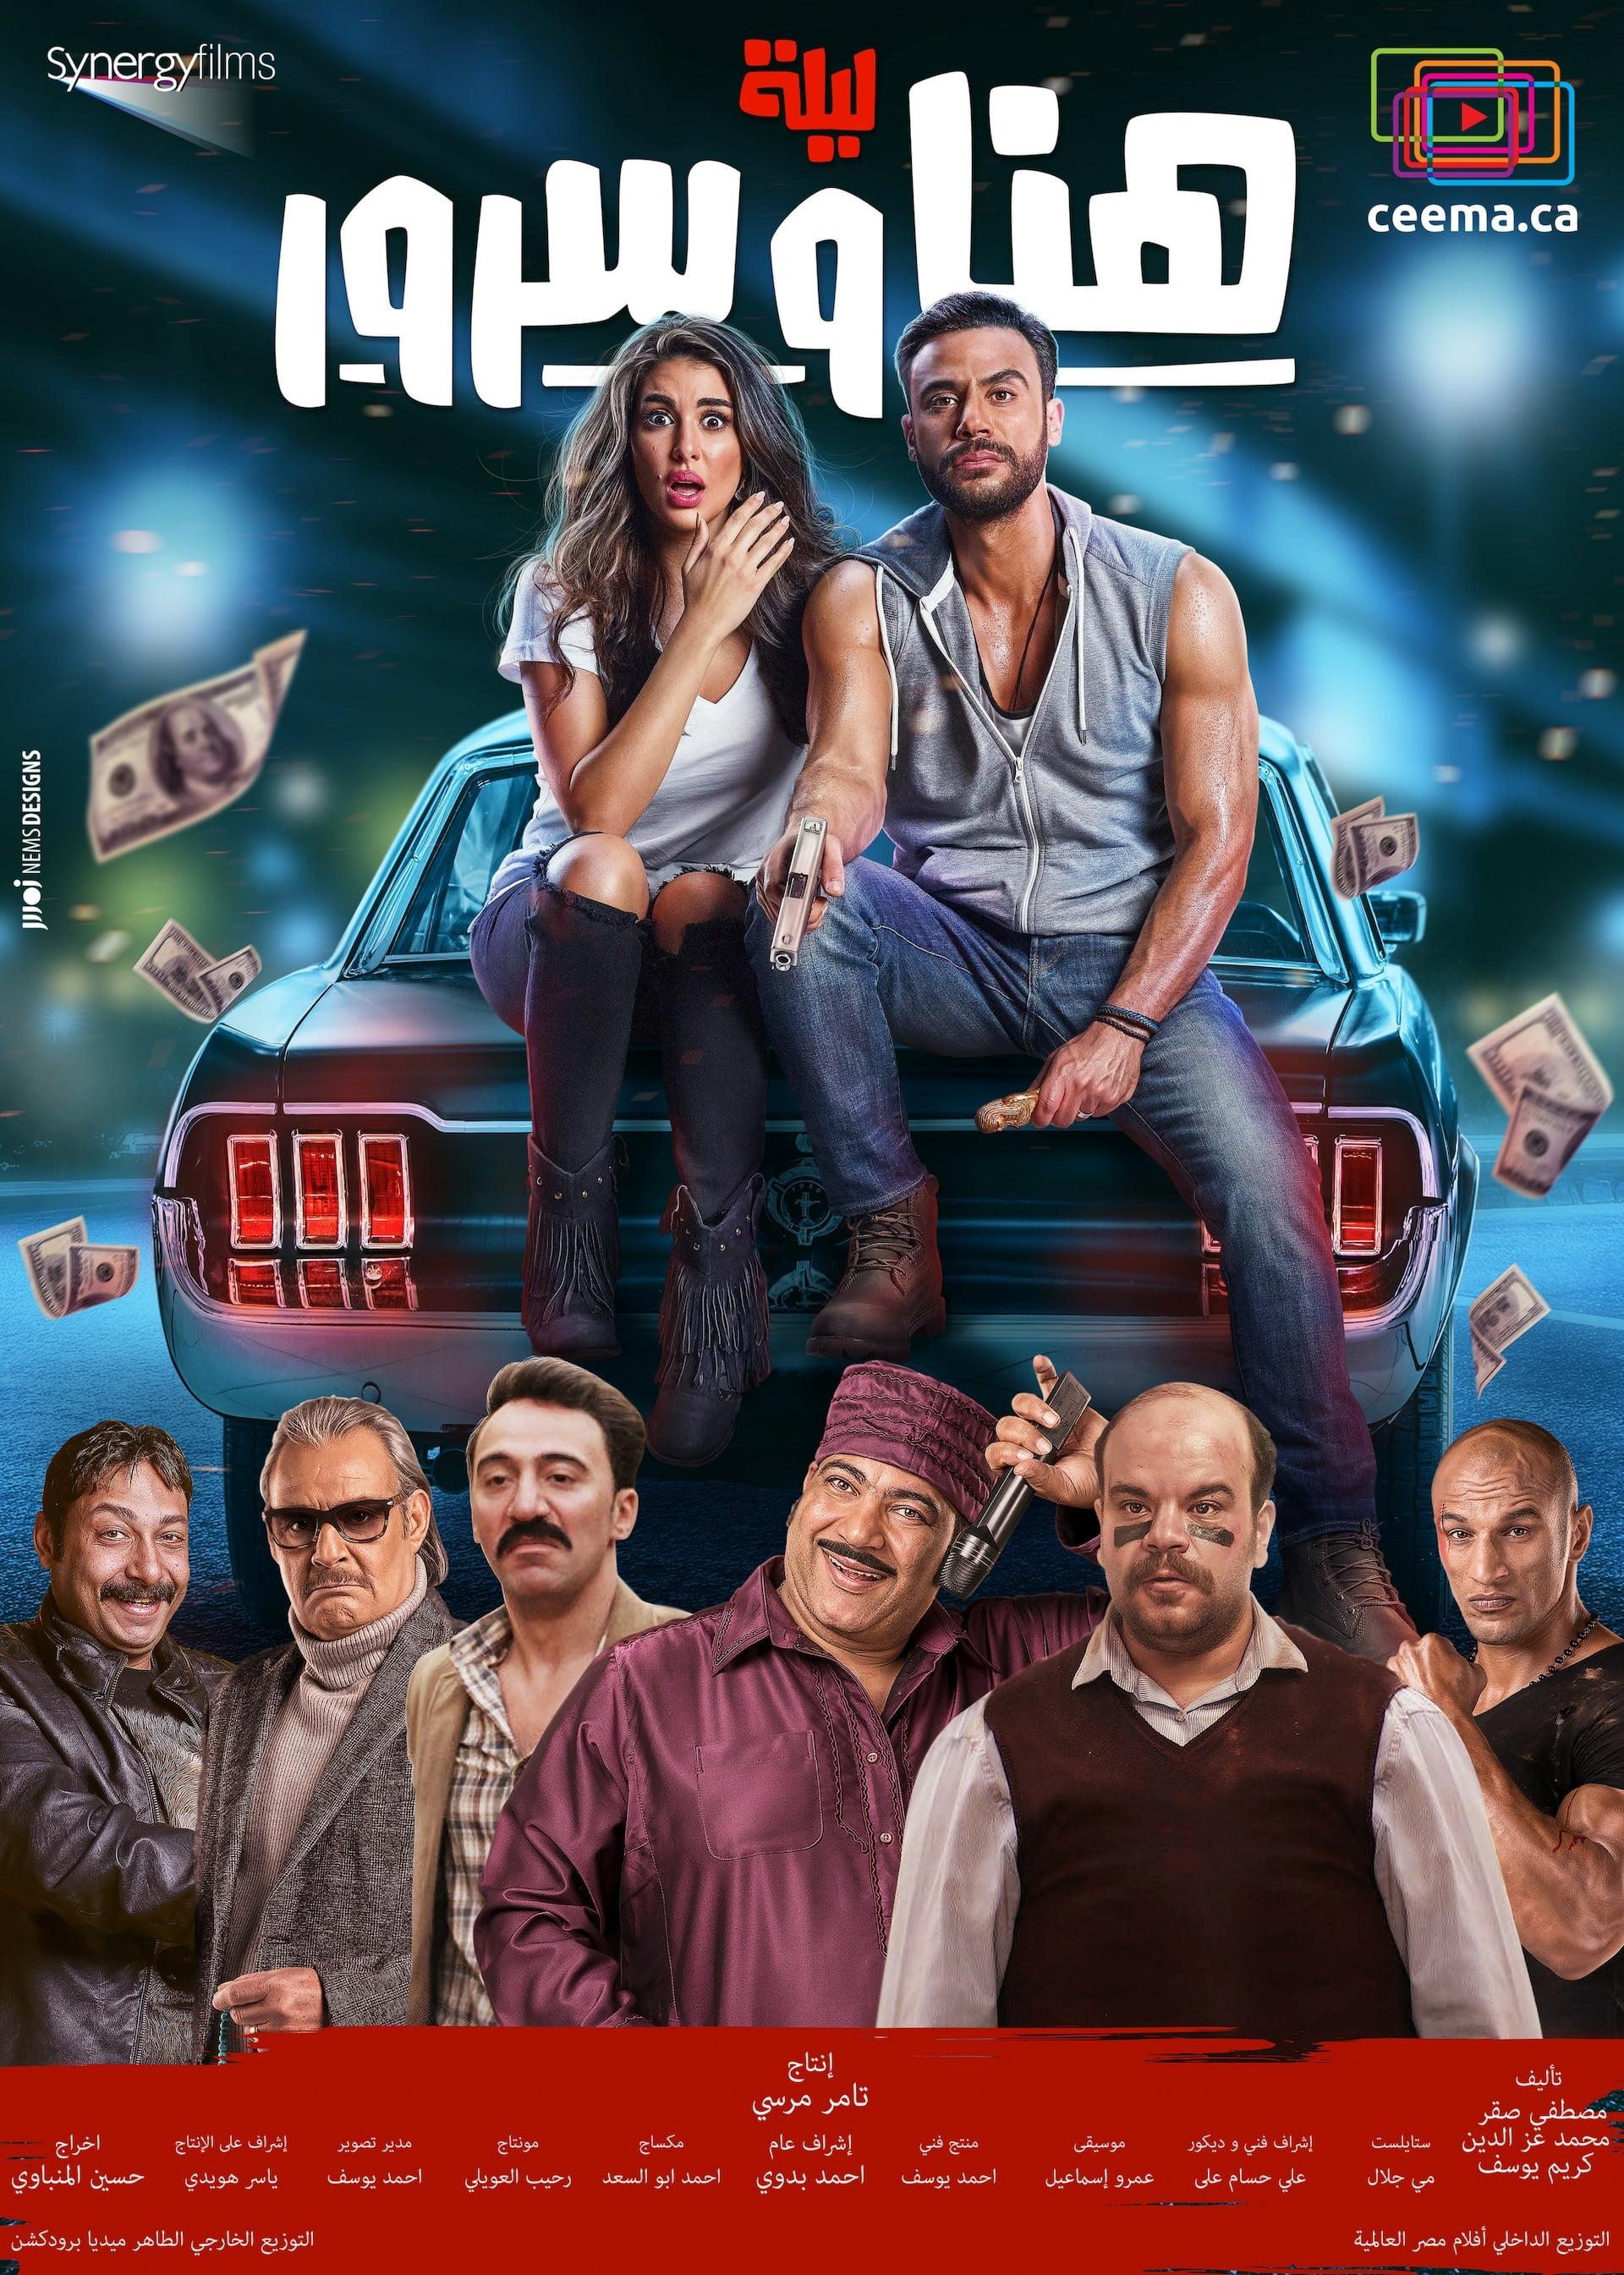 Poster Hana wa Suroor 22